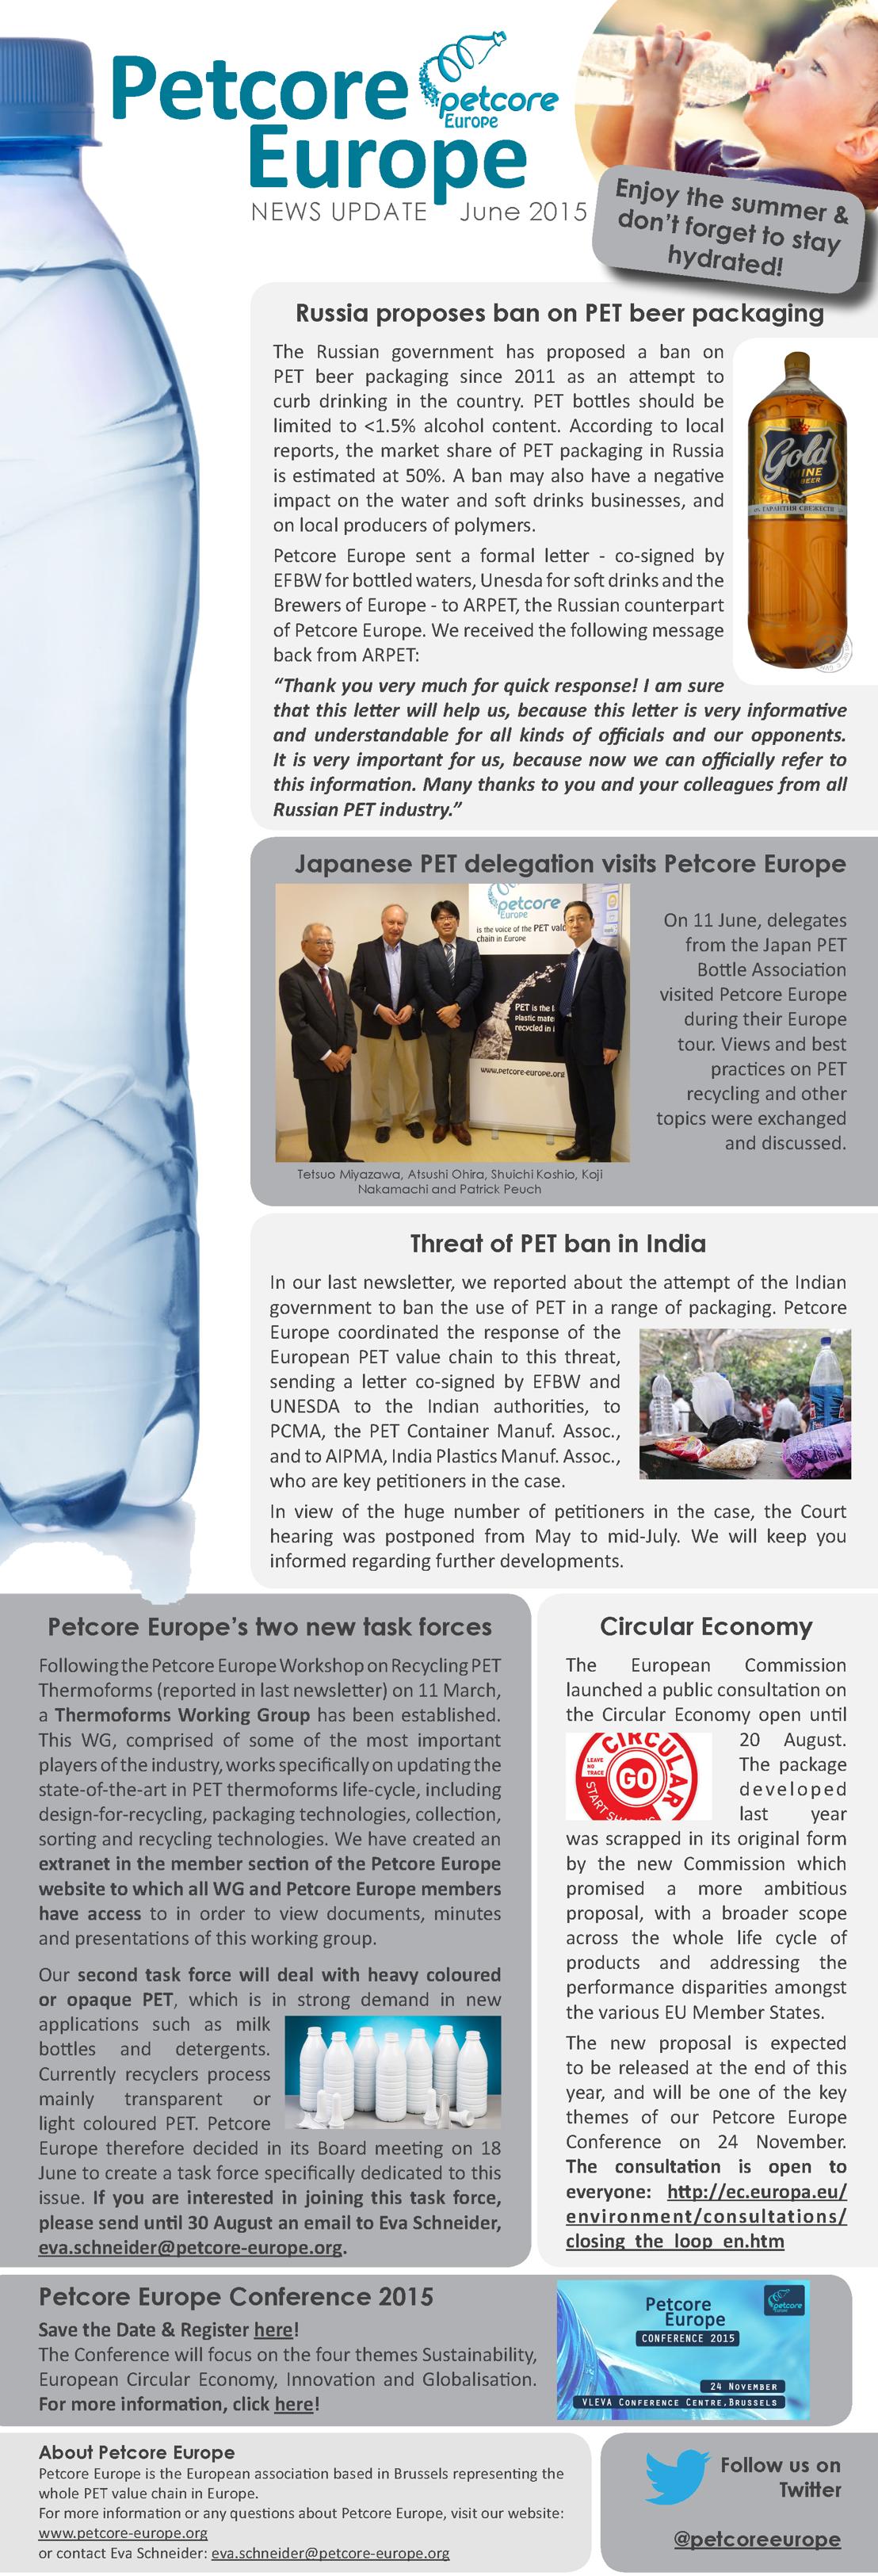 Petcore Europe News Update - June 2015